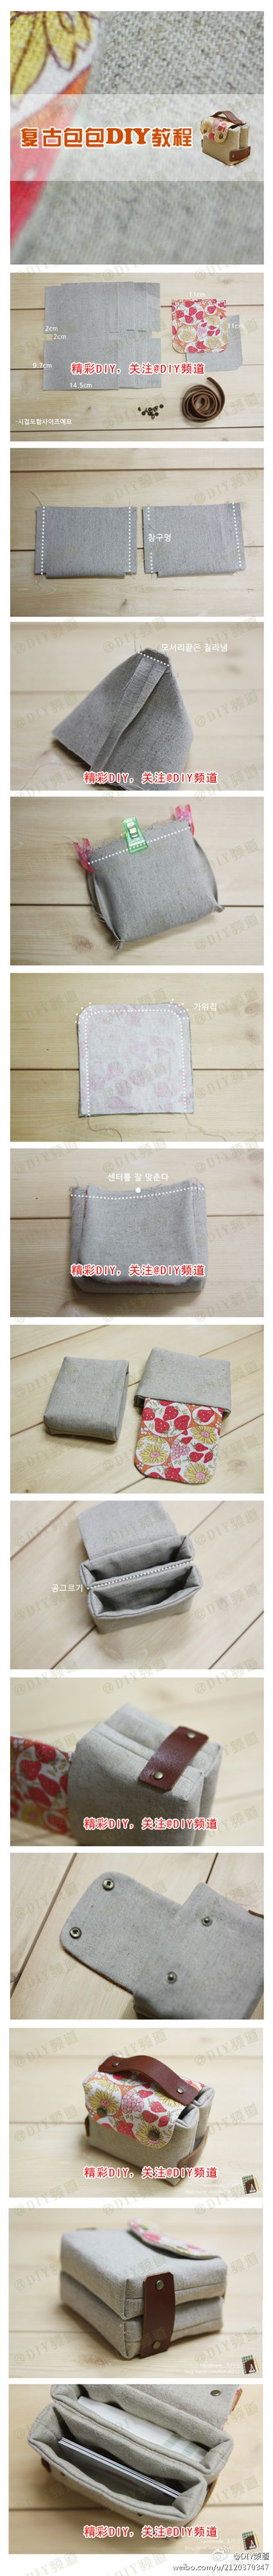 Pouch / Bag pattern